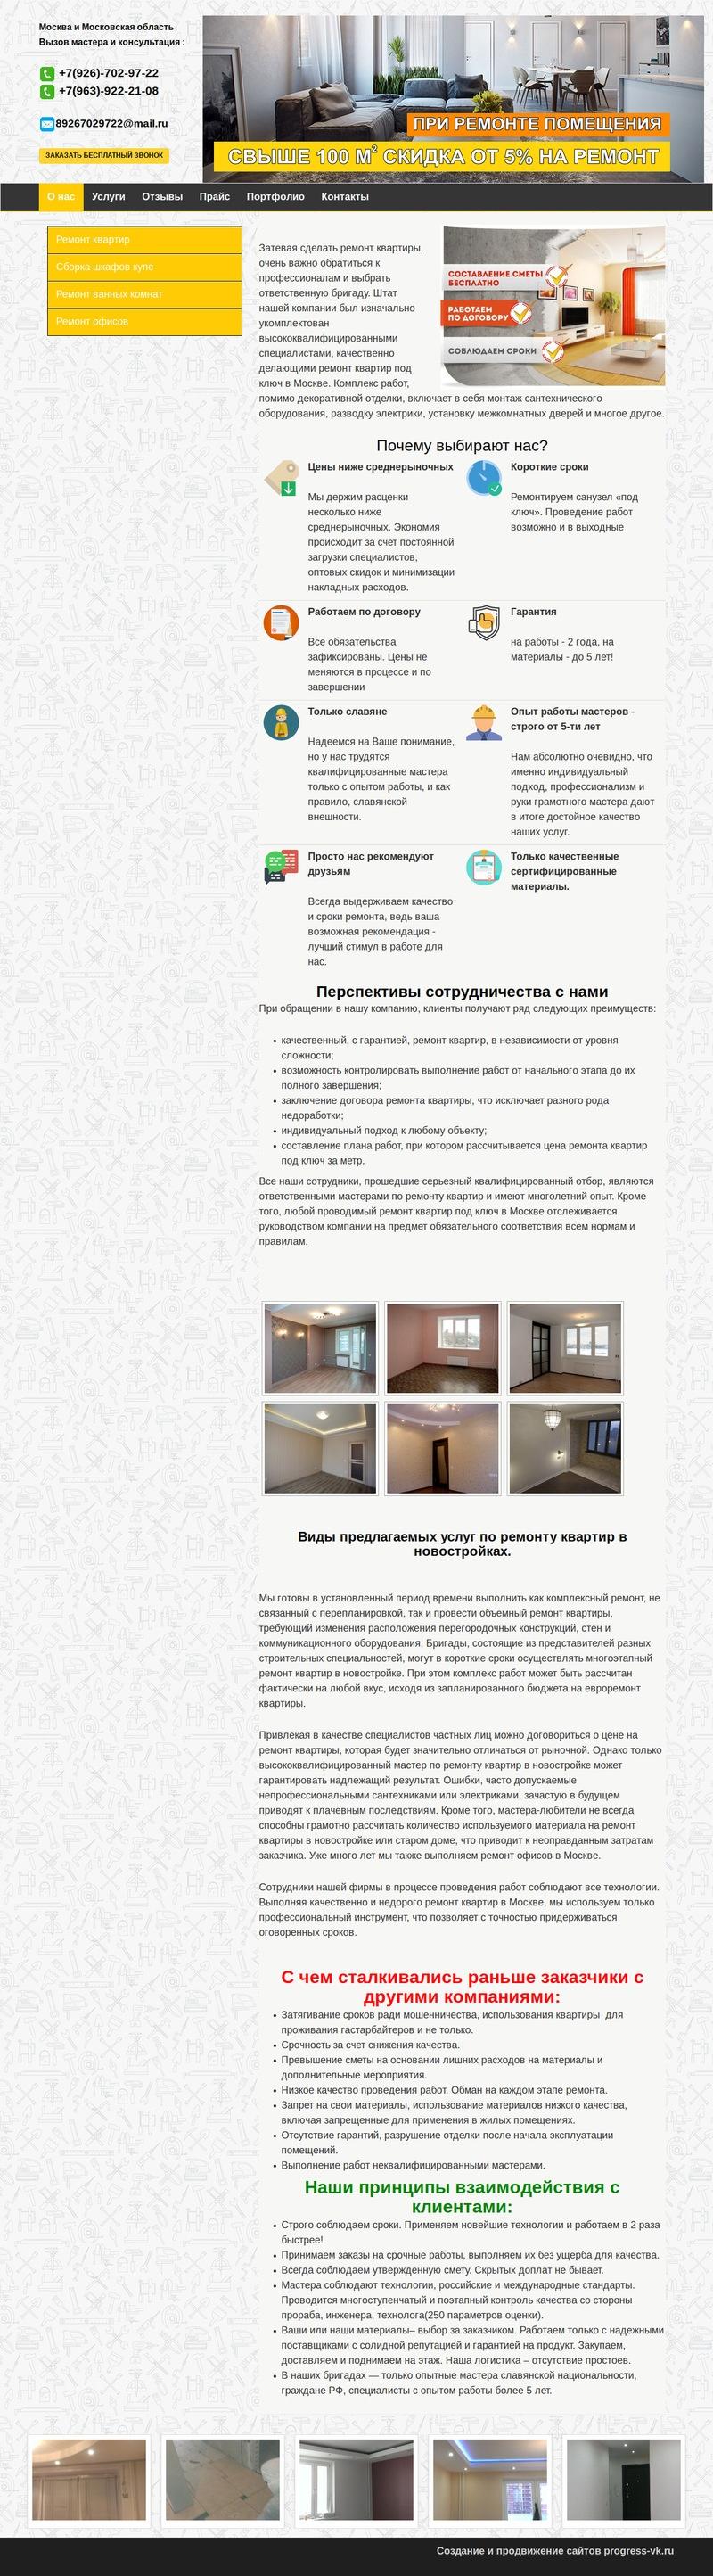 Создание сайта Ремонт квартир и сборка мебели